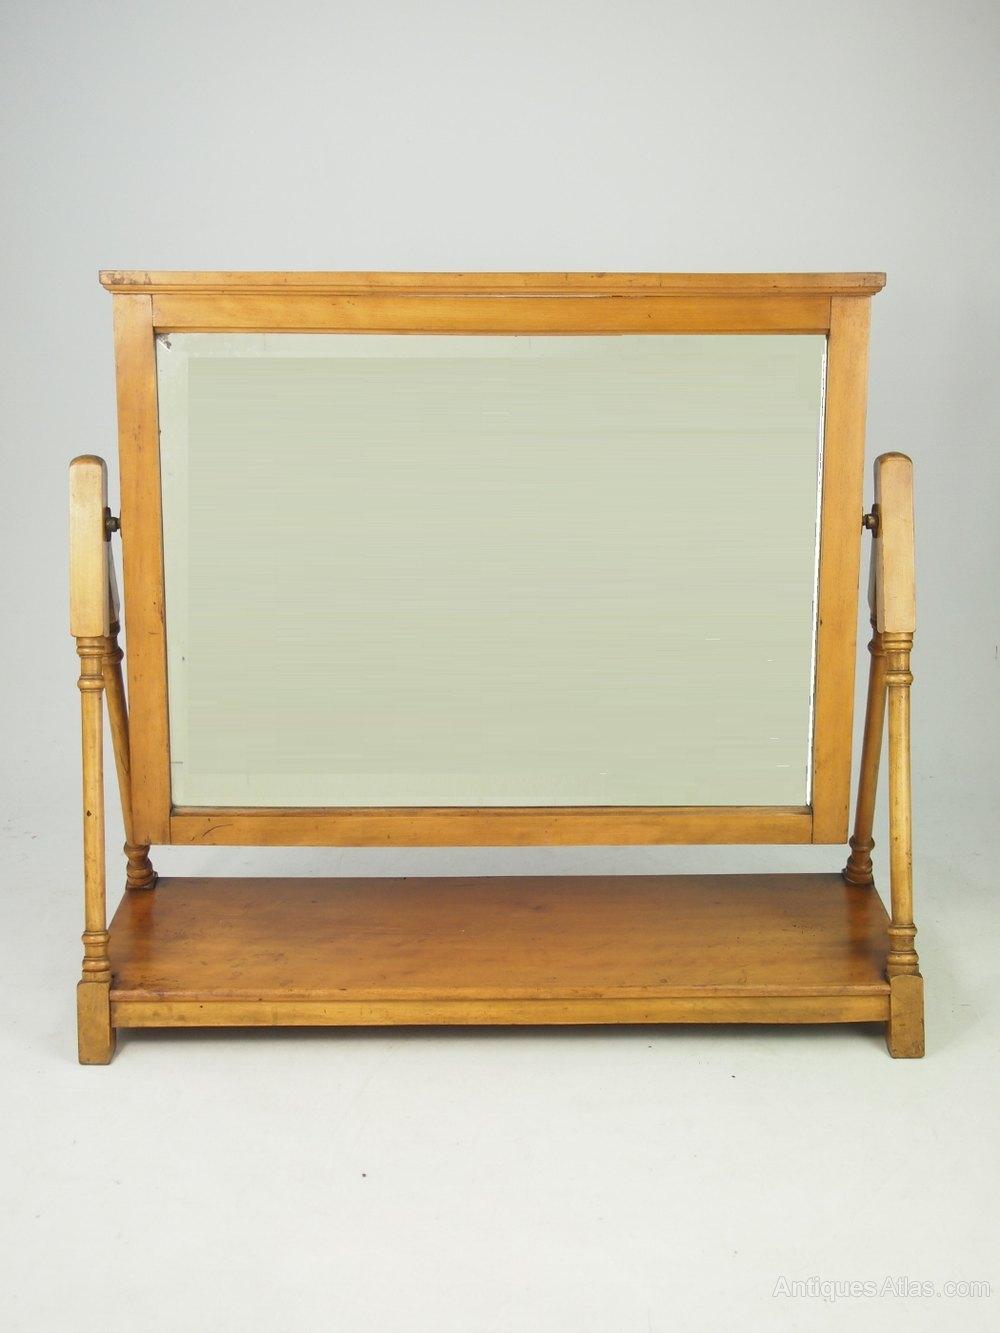 Antiques atlas victorian arts crafts dressing table mirror for Dressing table mirror